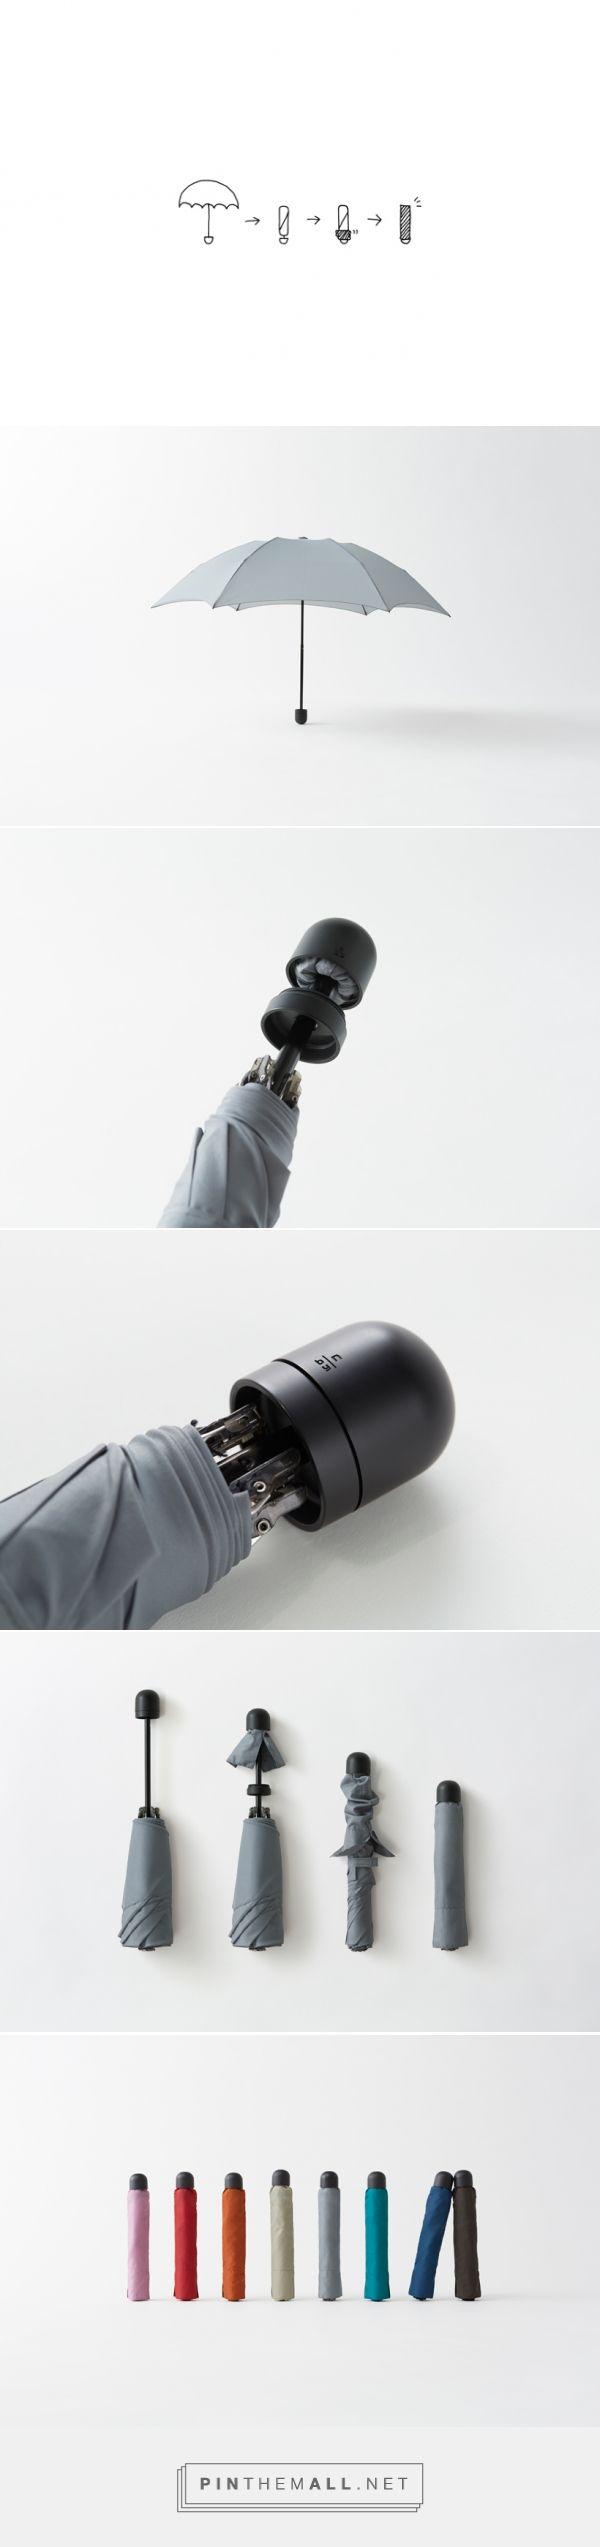 우산을 접고나서도 약간의 물이고여있거나 제대로 말아두지않으면 우둘투둘한 모습이 되는데 이제품처럼 한번더 비닐로 감싸는 형태가 되면 편리할 것…